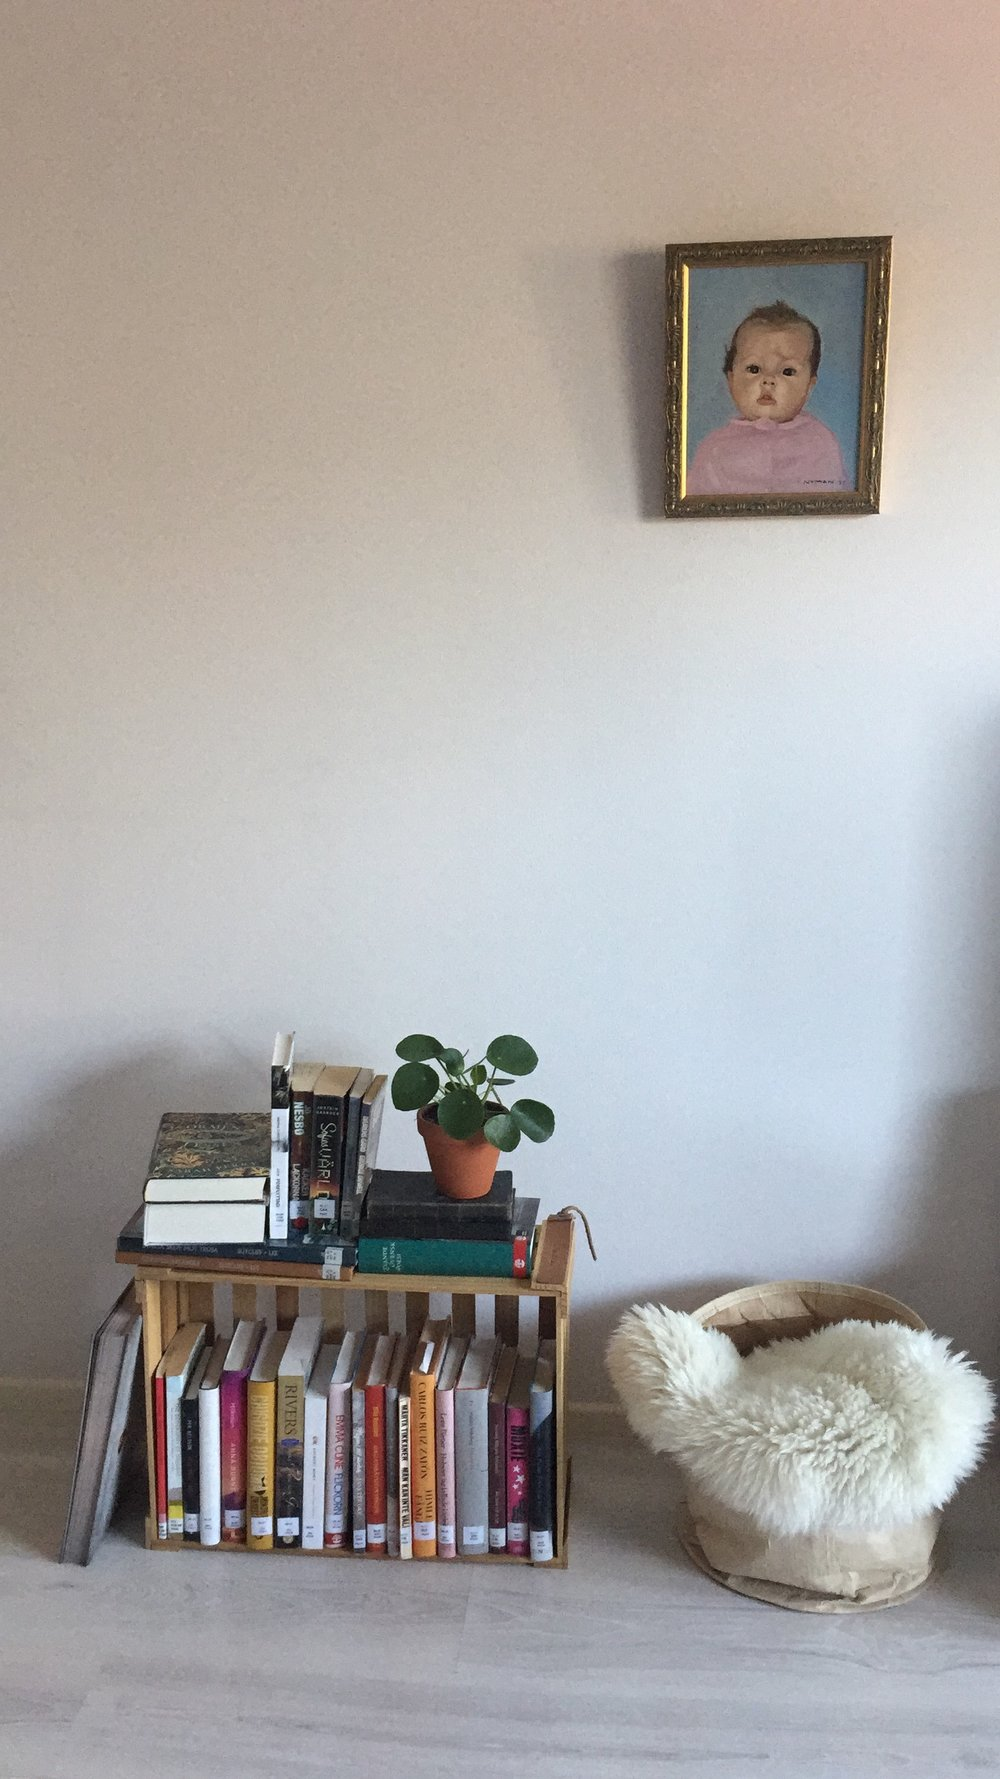 """Vär inredning följer ännu väldigt långt """"man tager vad man haver""""-konceptet. Här ser ni alltså väldigt extemporeinredning med tavlan på mig som barn (kallas även Mindy-Lisa) och min biblioteksbokshylla (trädgårdslåda). Att sånt."""